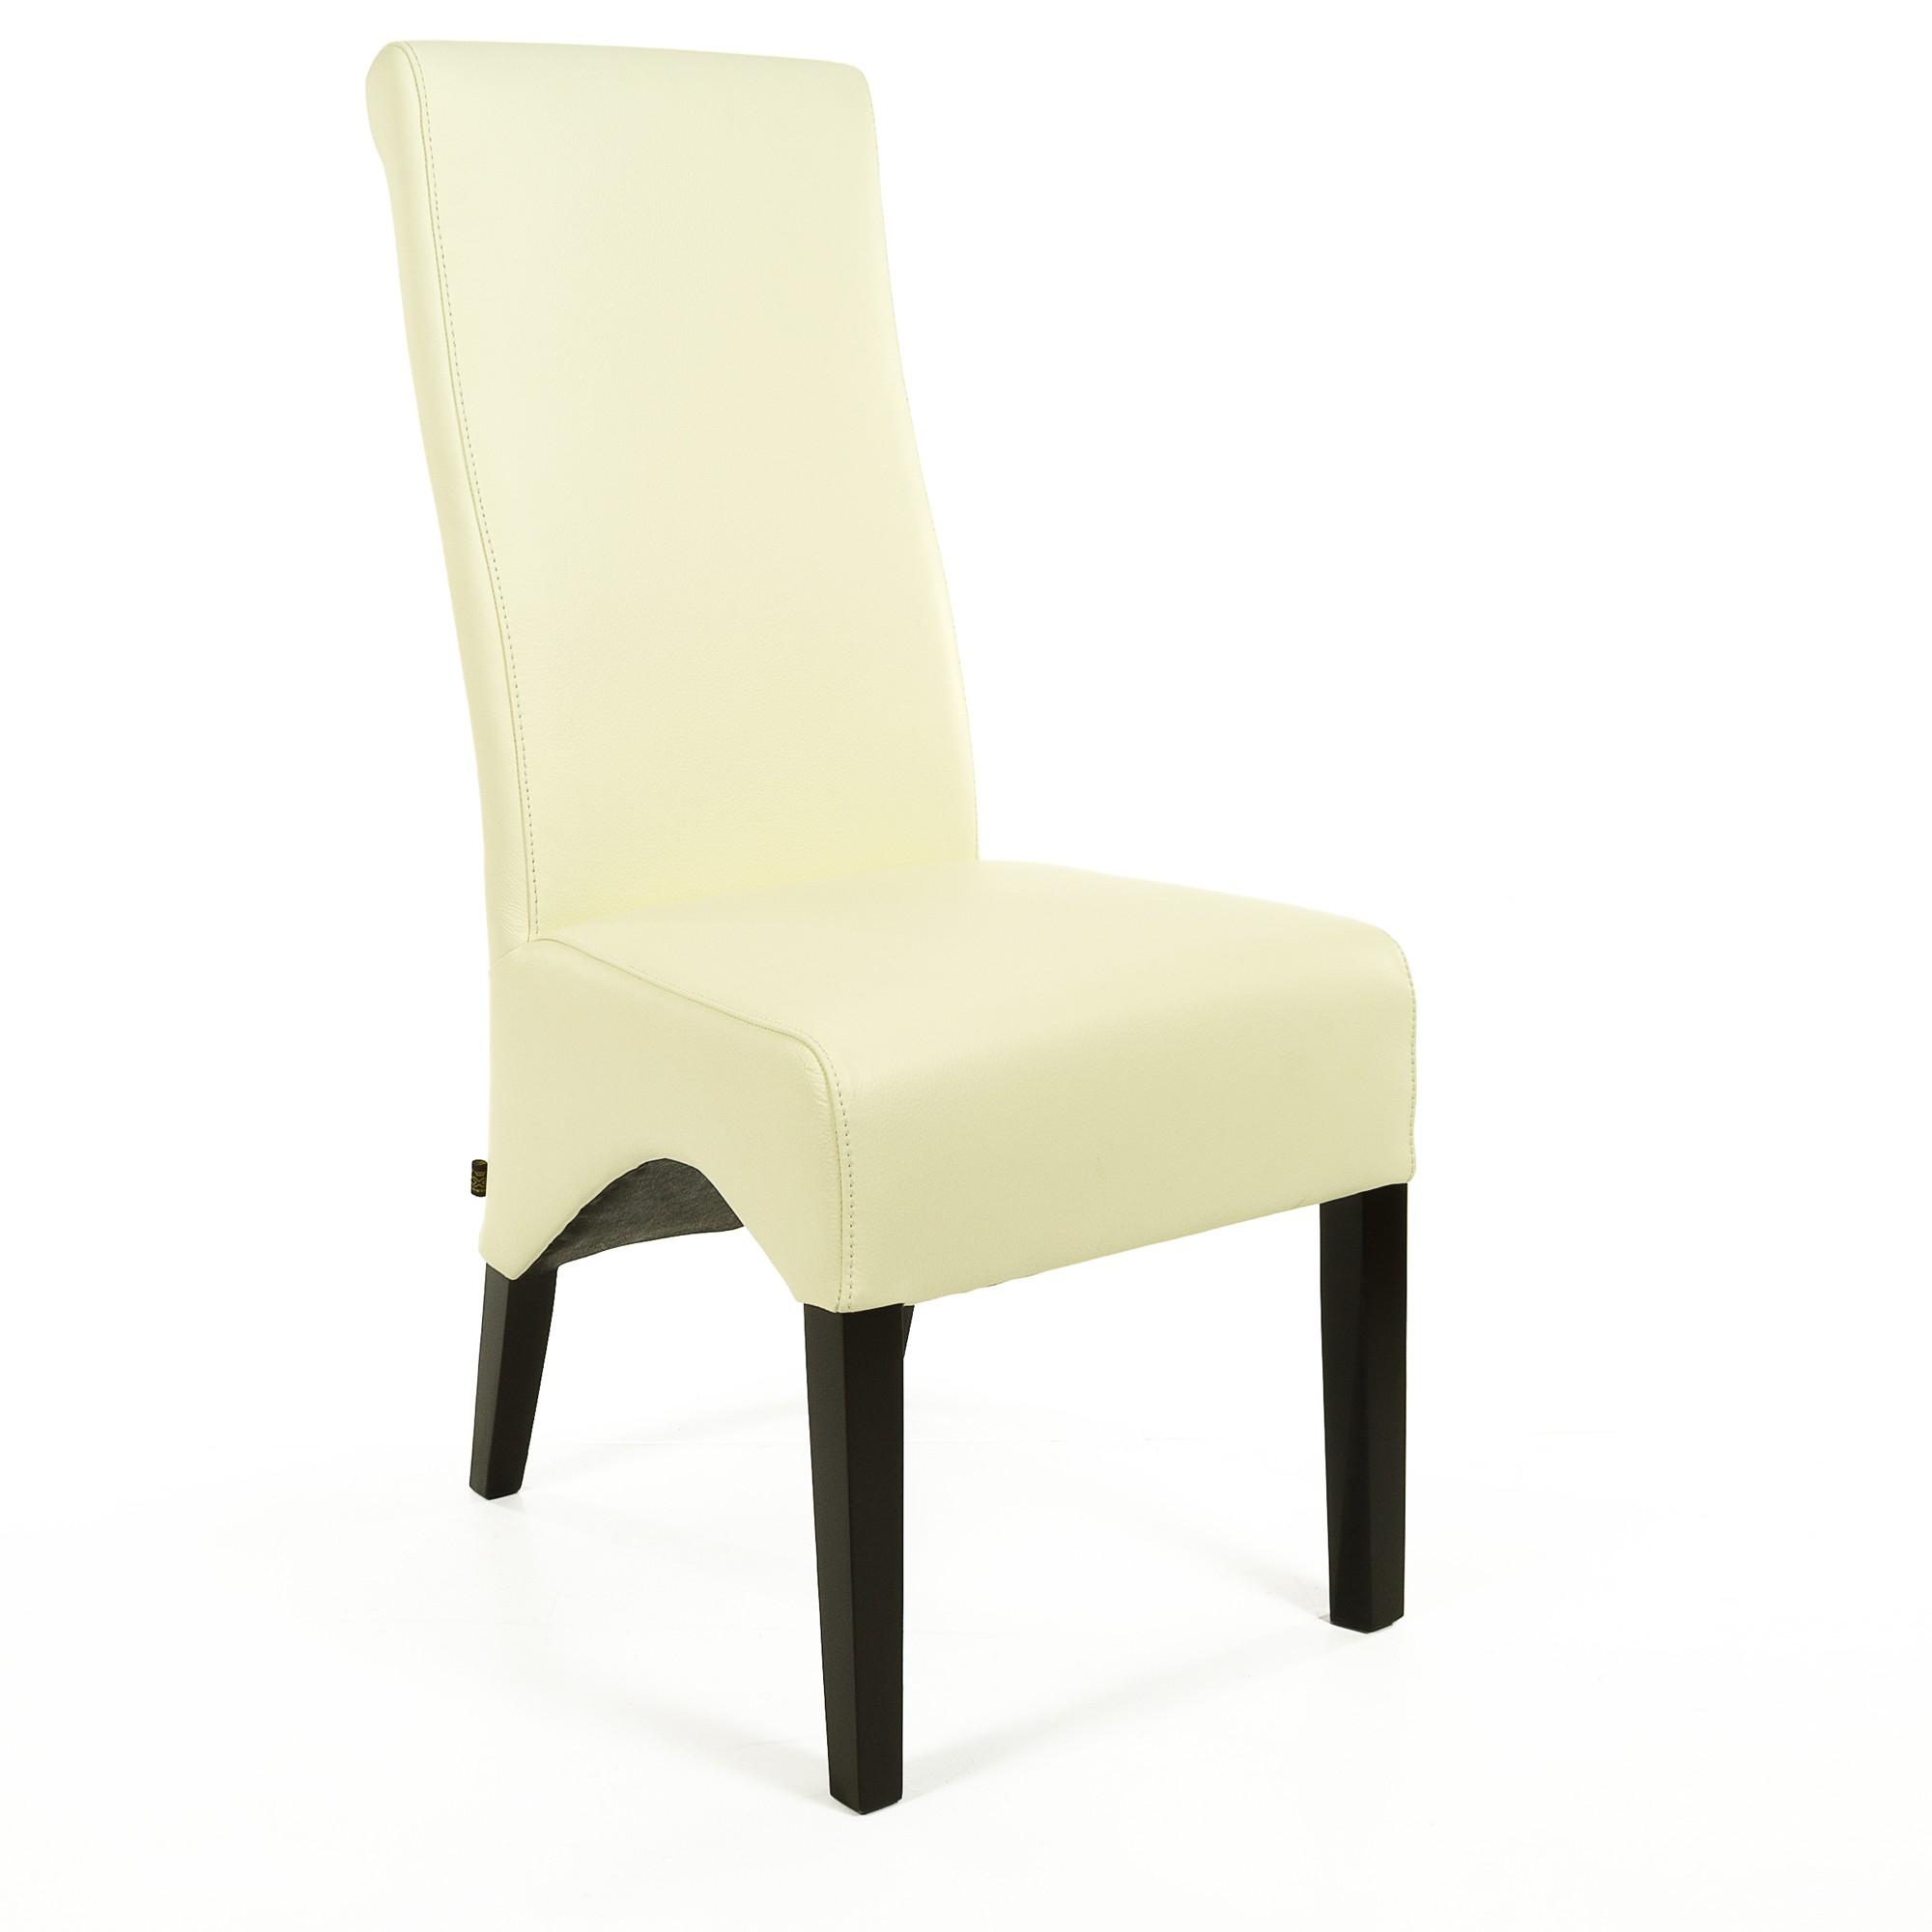 lederstuhl regina federkern creme wei wenge. Black Bedroom Furniture Sets. Home Design Ideas